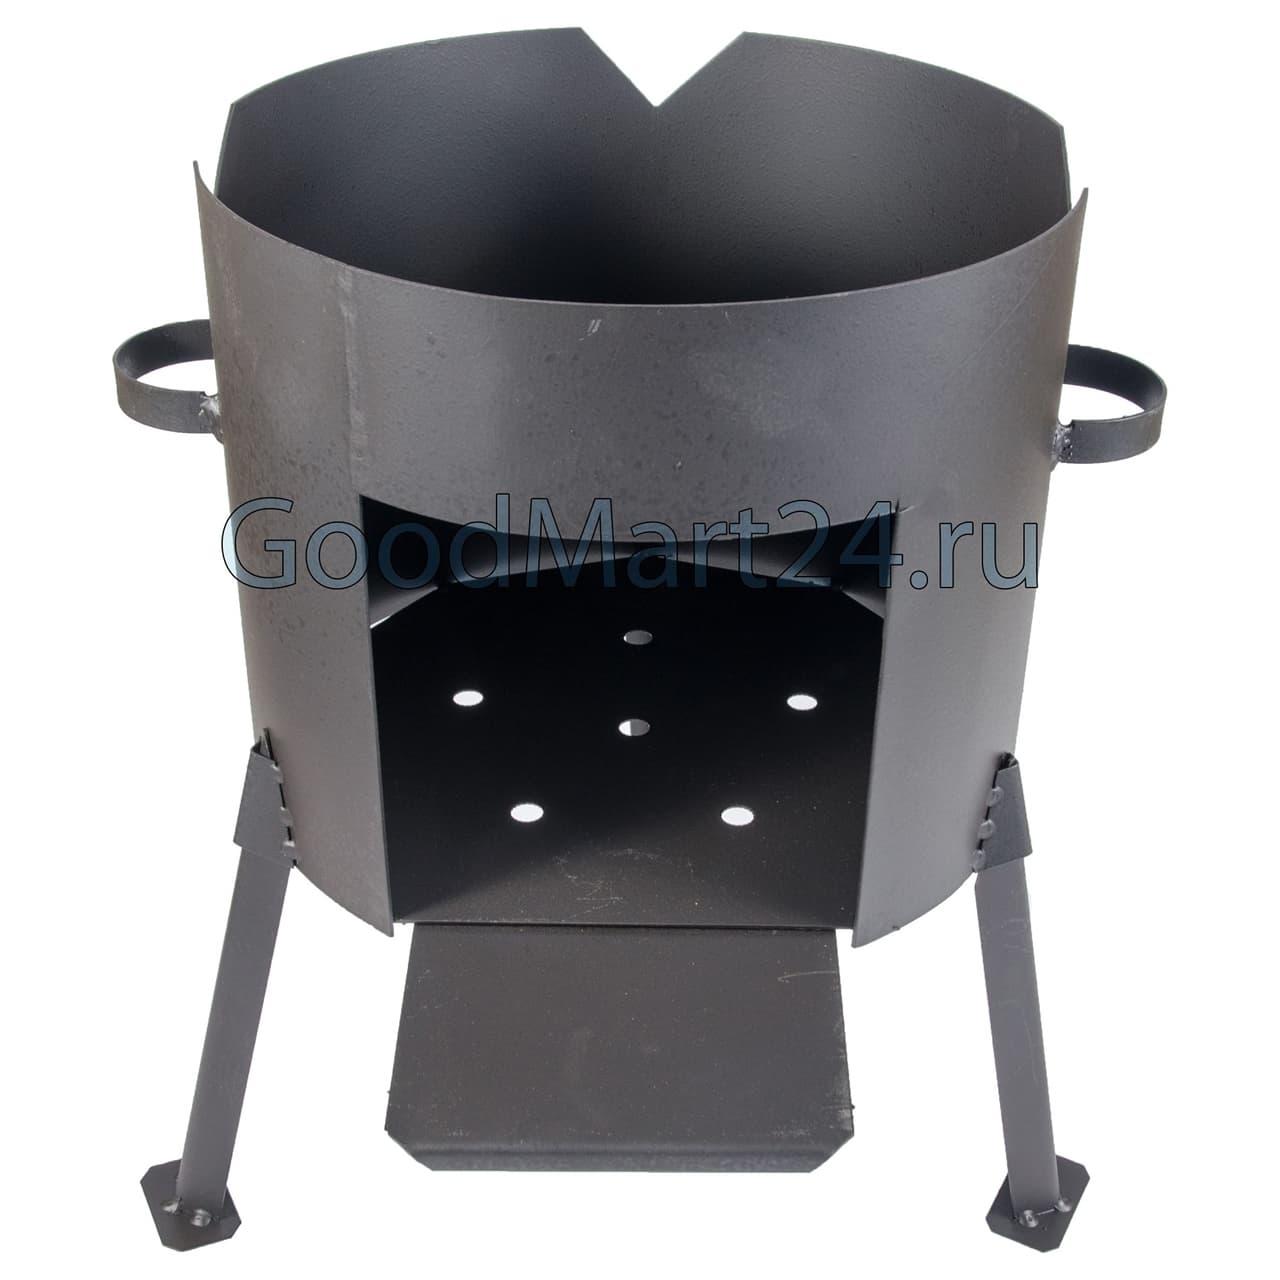 Комплект: Чугунный казан 10 л. Балезинский ЛМЗ + Печь D-360 мм s-2 мм. - фото 5532